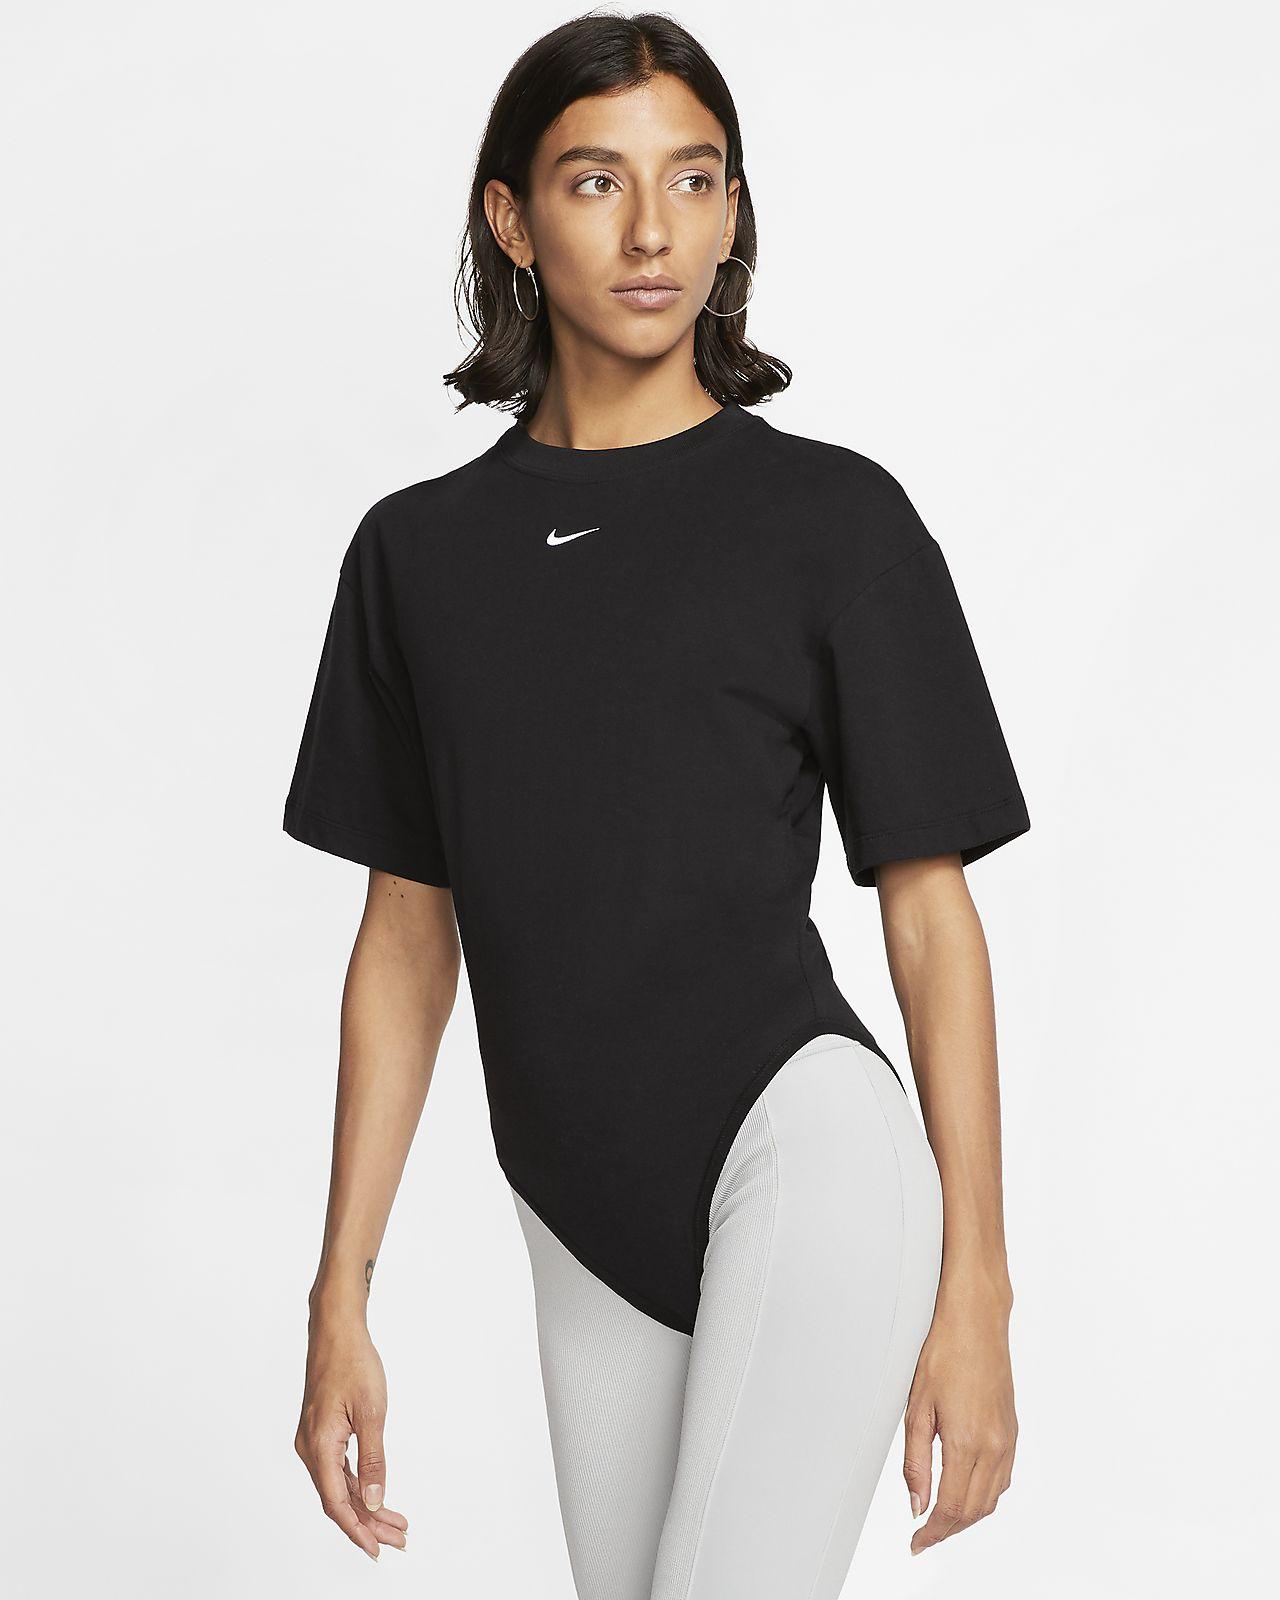 Nike Sportswear Essential Women's Short Sleeve Bodysuit